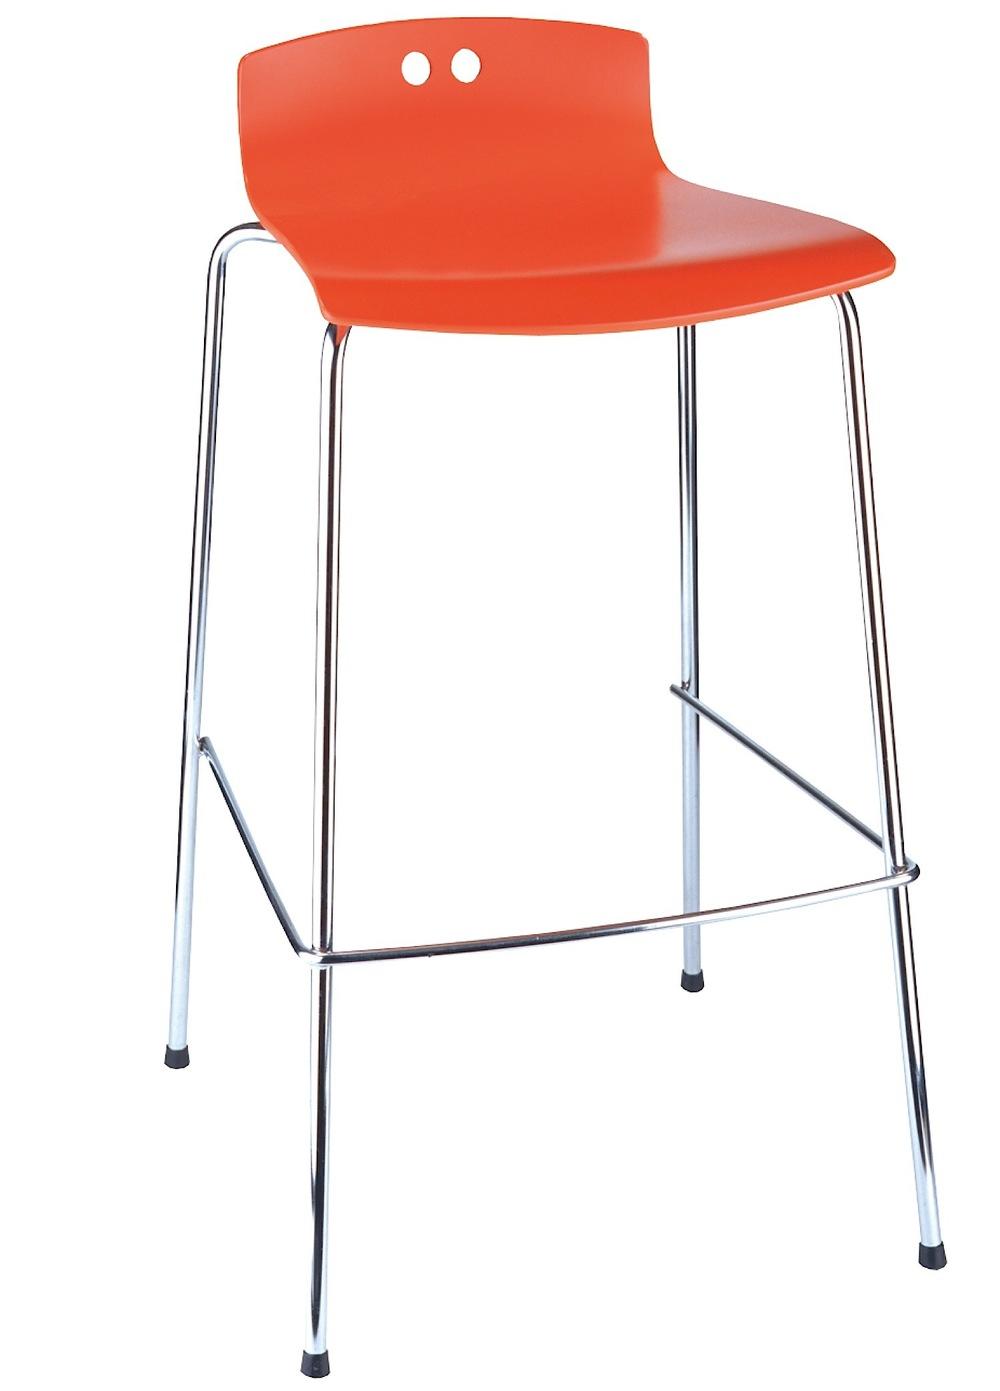 shaker orange.jpg